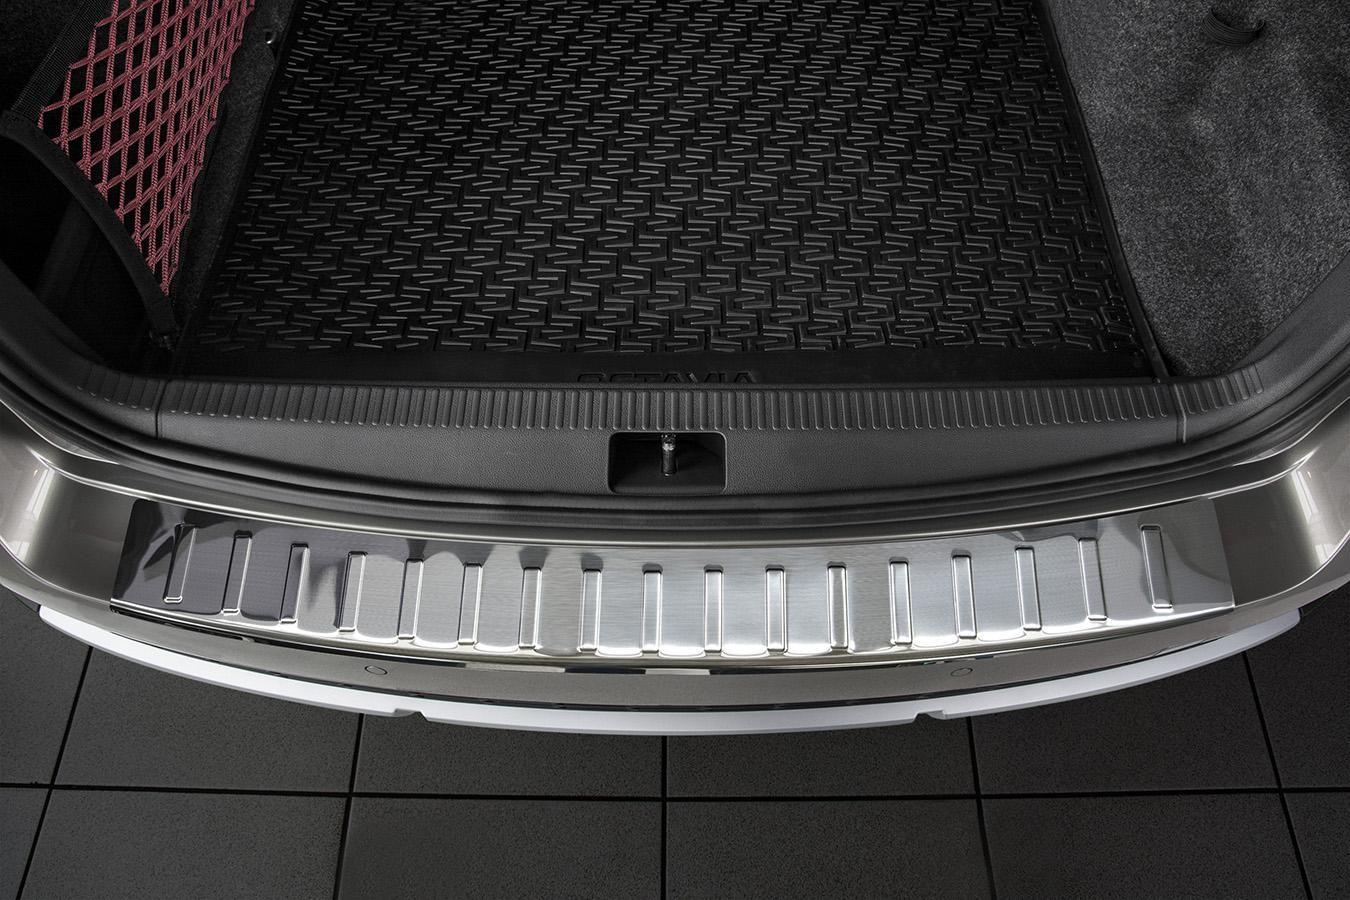 Globmel Kryt prahu zadních dveří Škoda Octavia III SCOUT